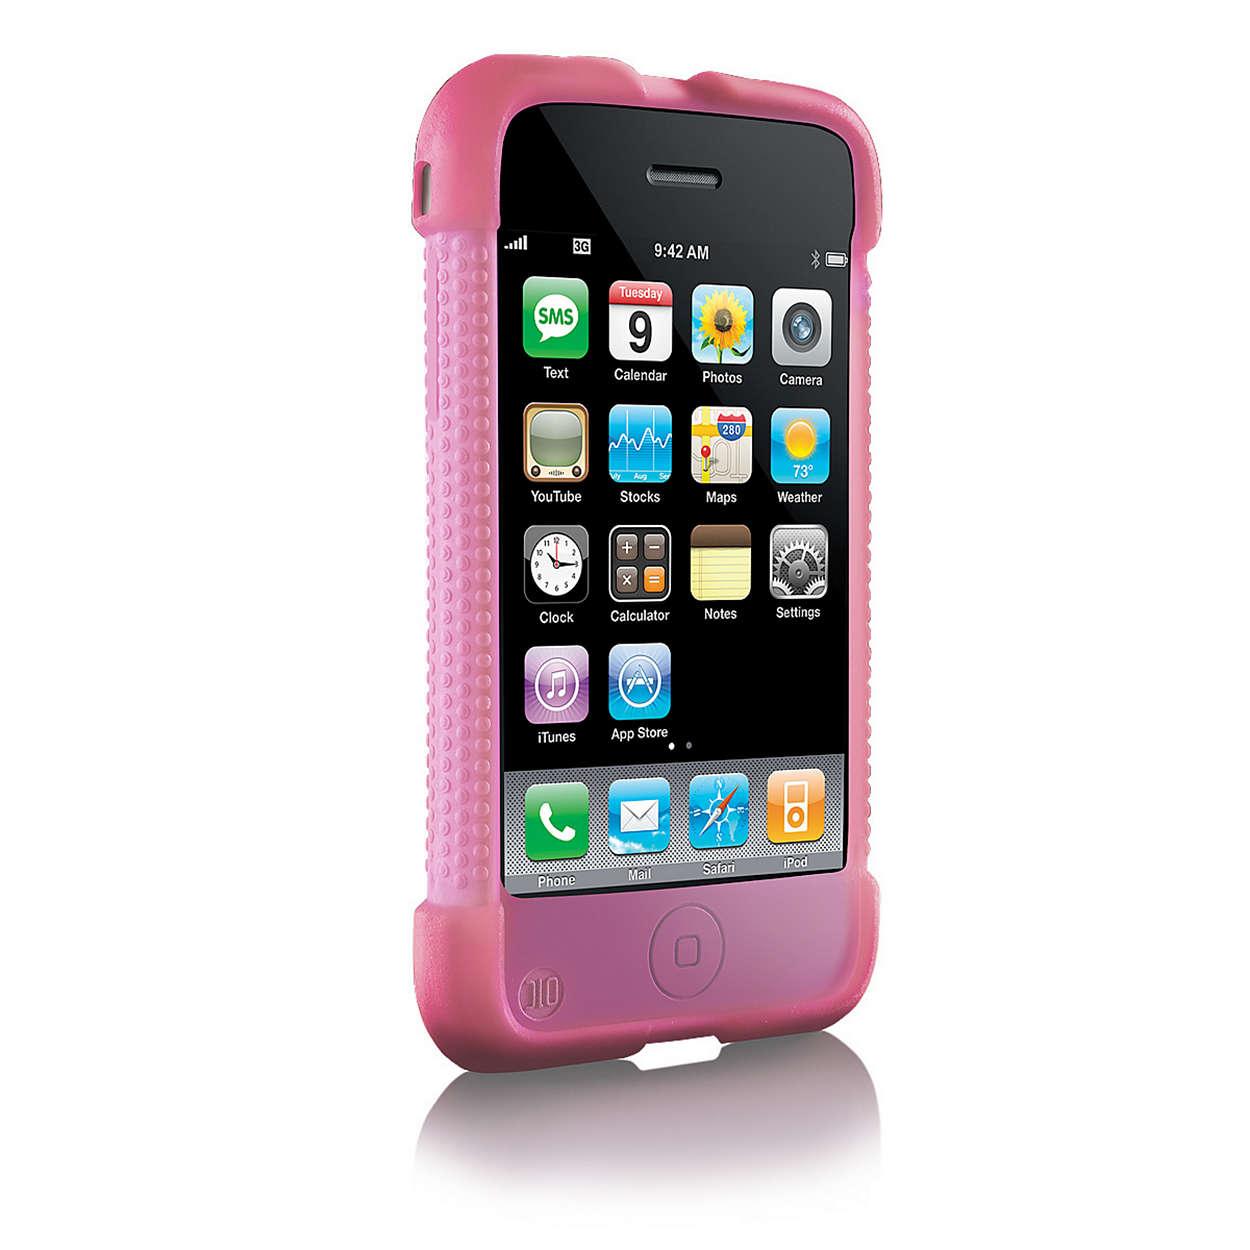 Protejaţi-vă dispozitivul iPhone cu ajutorul mânerului adăugat